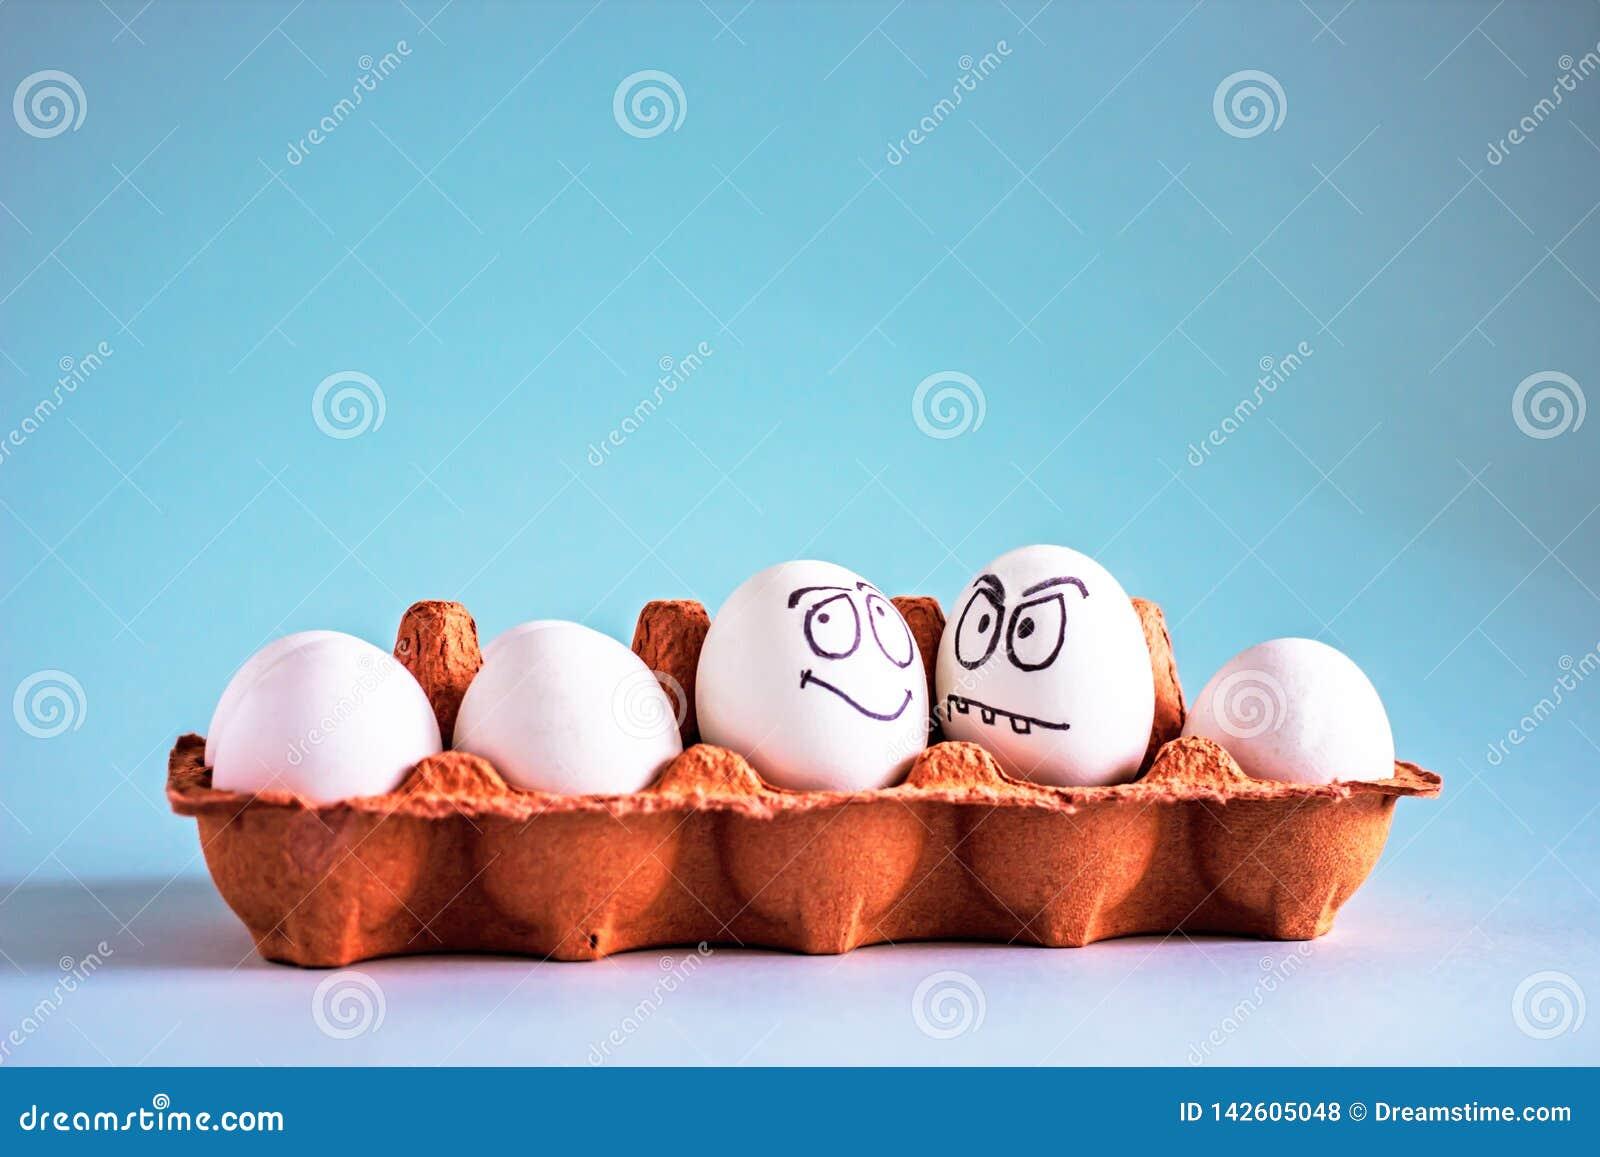 Яйца смешного цыпленка белые со сторонами в яйцеклетке